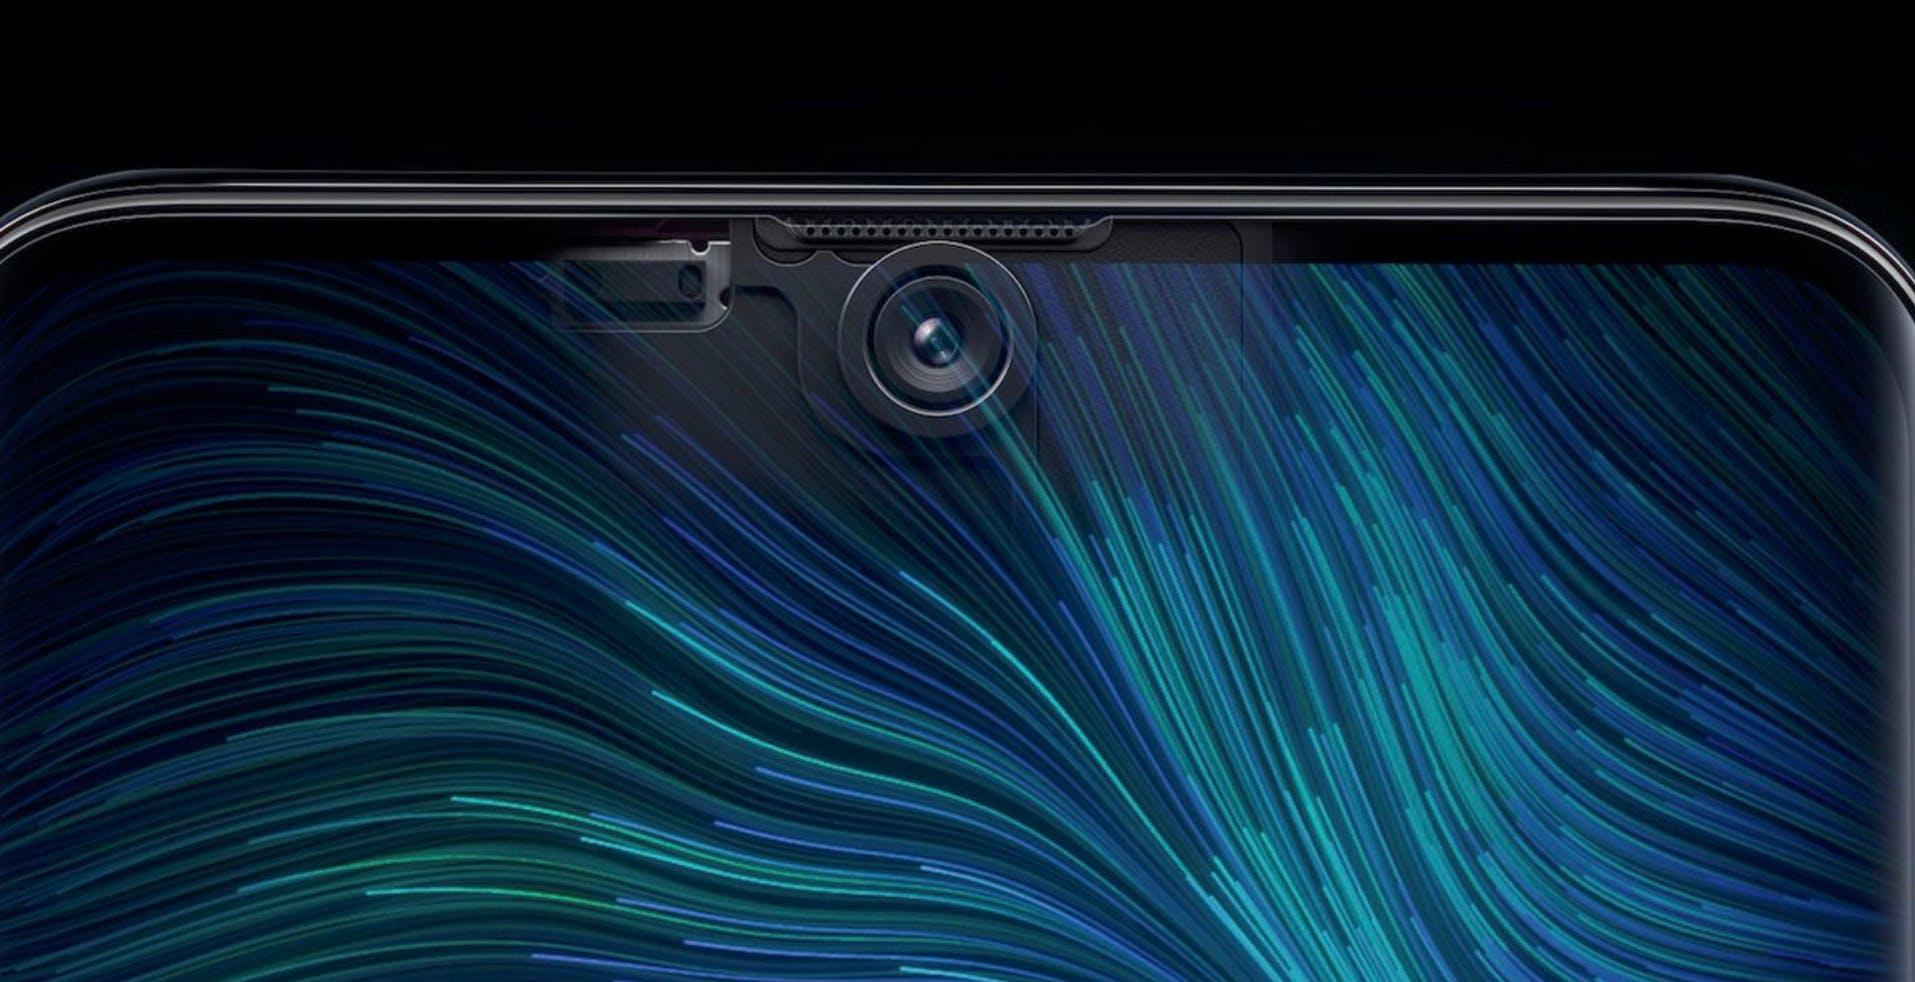 Xiaomi ha risolto tutti i problemi ed è pronta a lanciare gli smartphone con la fotocamera sotto il display